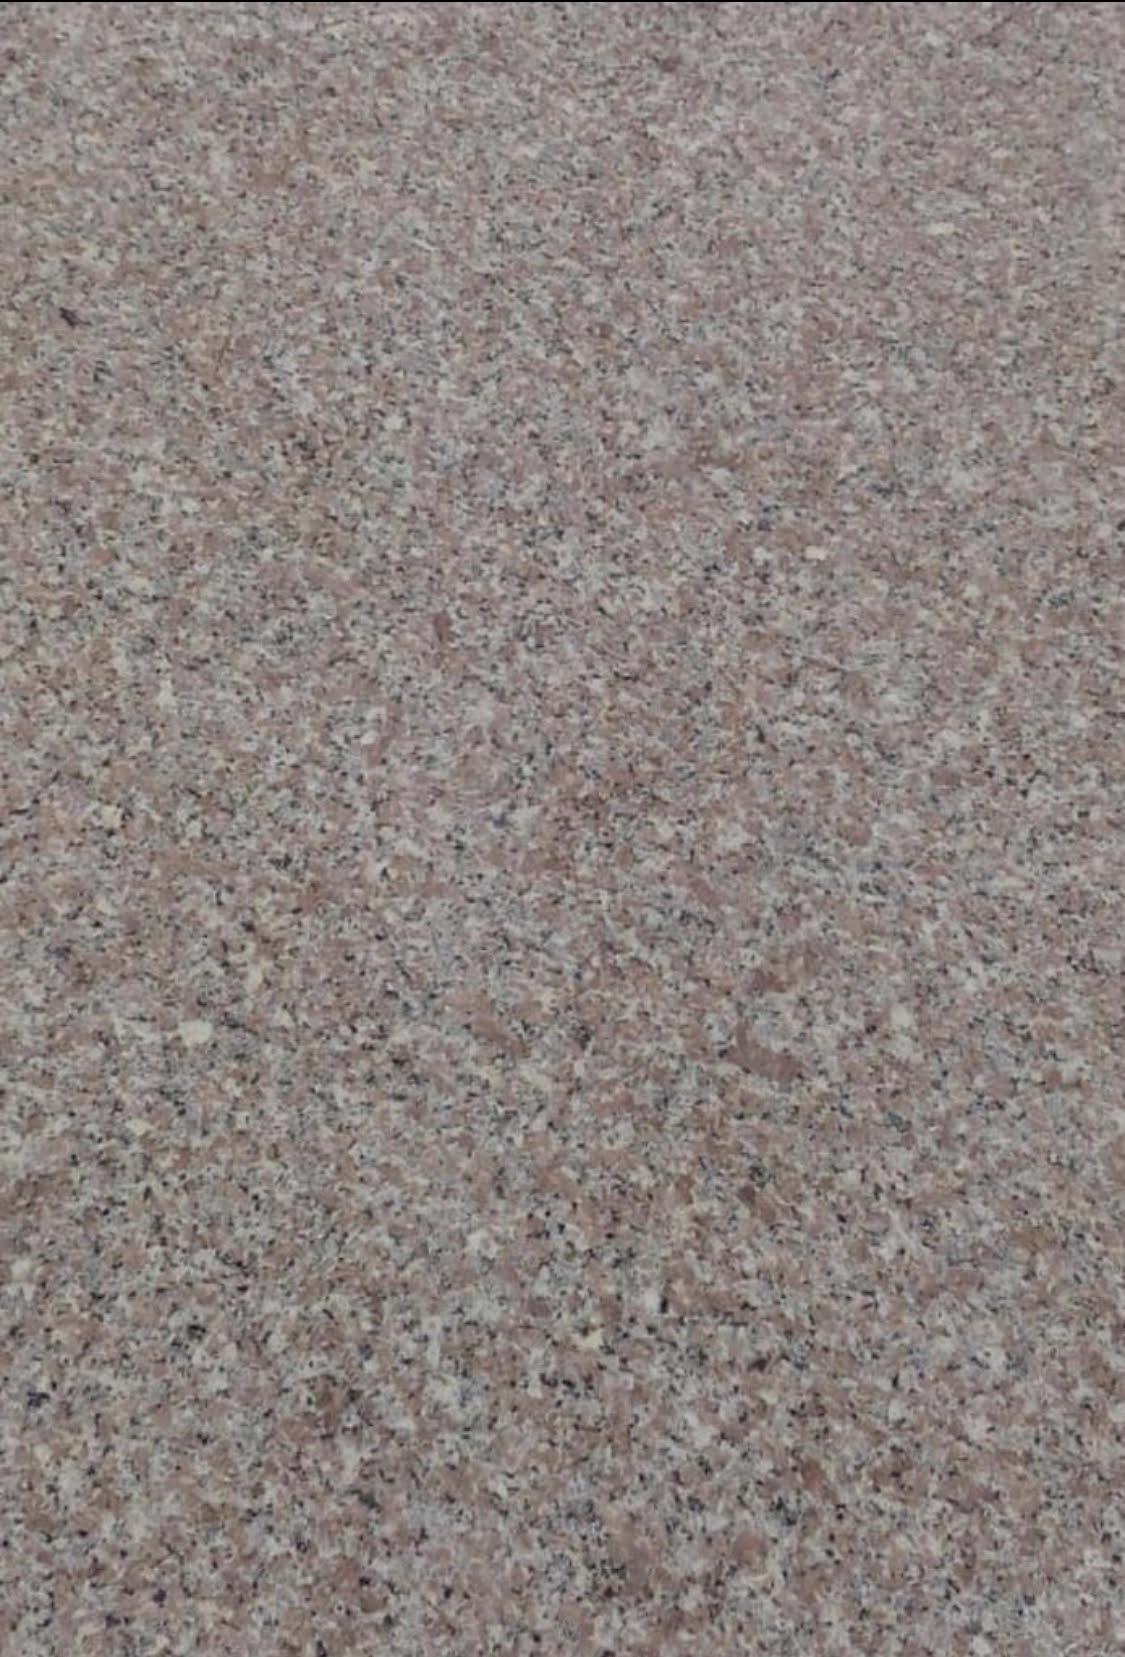 Rosa Granite